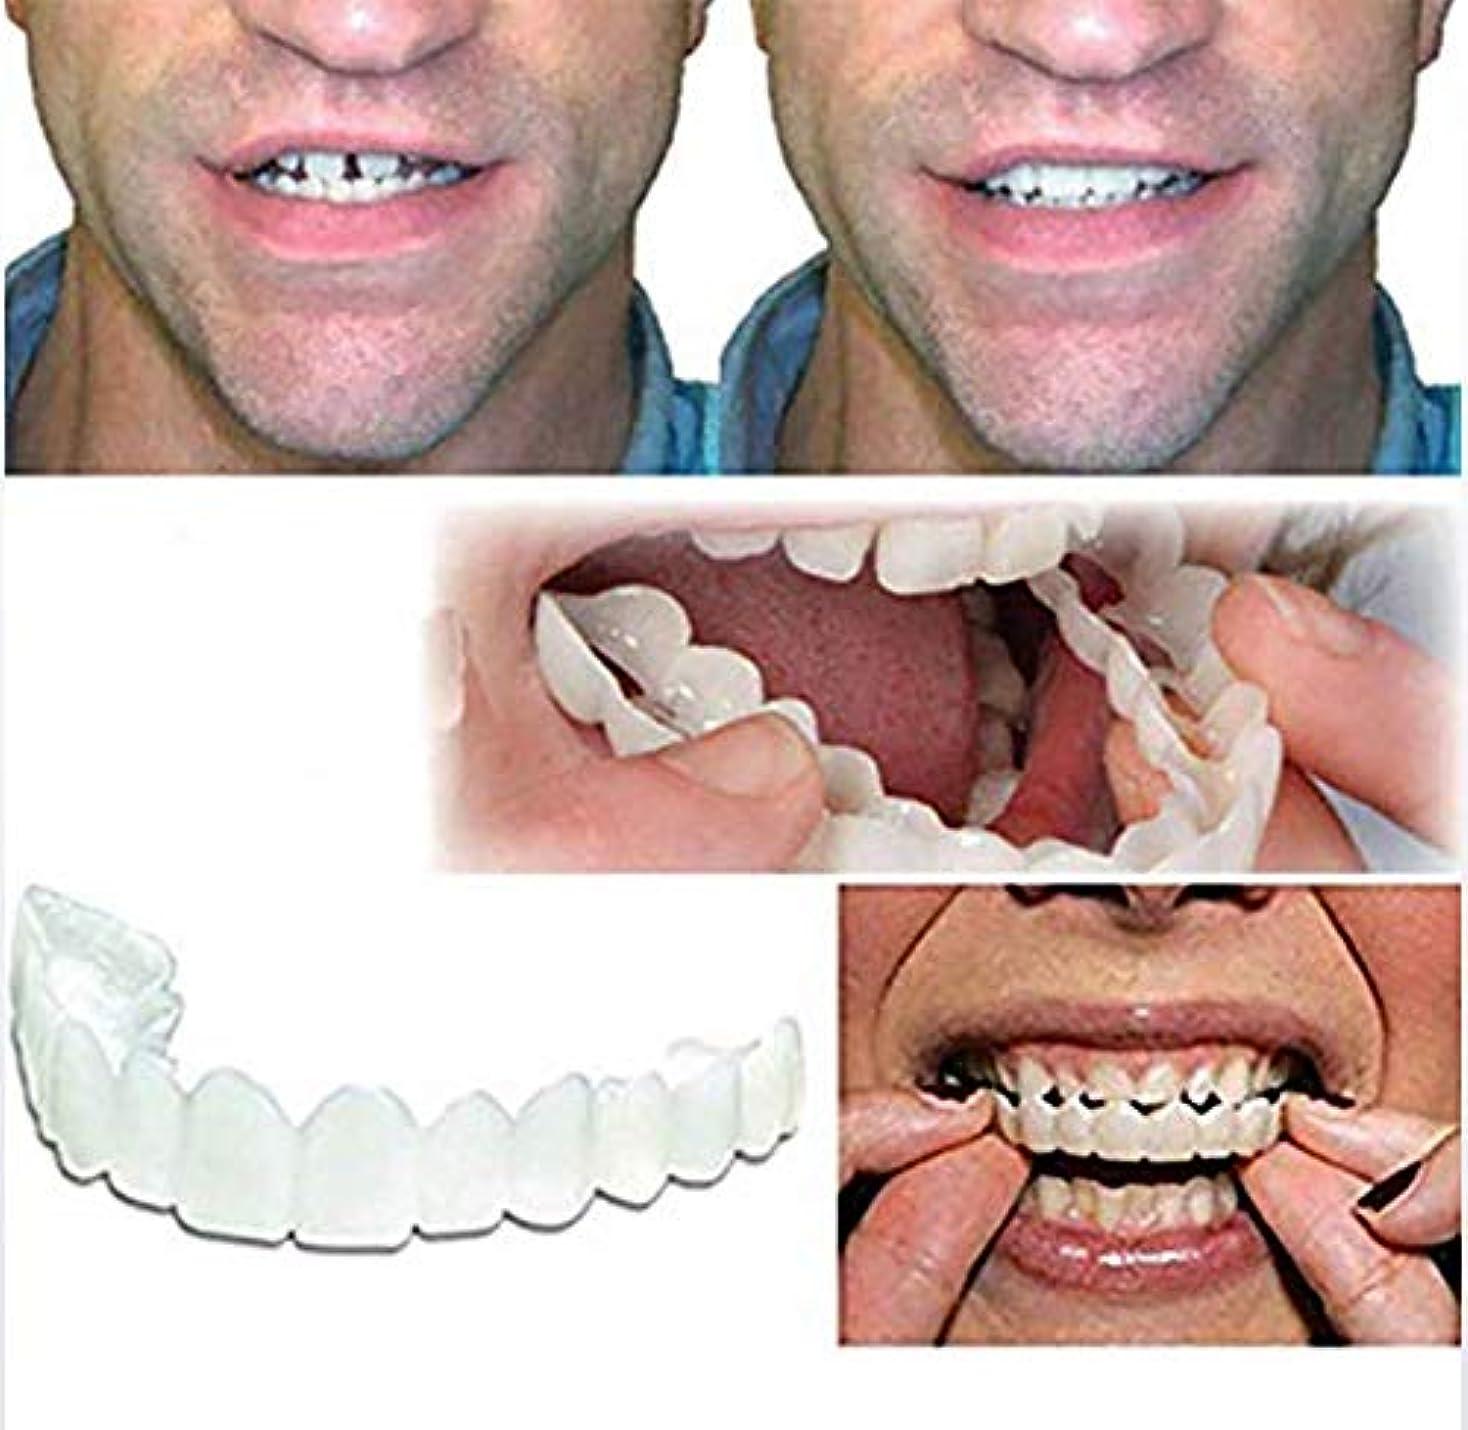 一貫性のない殺しますぐるぐるベニアの歯、化粧用の歯3ピース - 一時的なスマイルコンフォートフィットフレックスコスメティック歯、一サイズは、最も快適なトップとボトムのベニヤにフィット - 歯のベニア